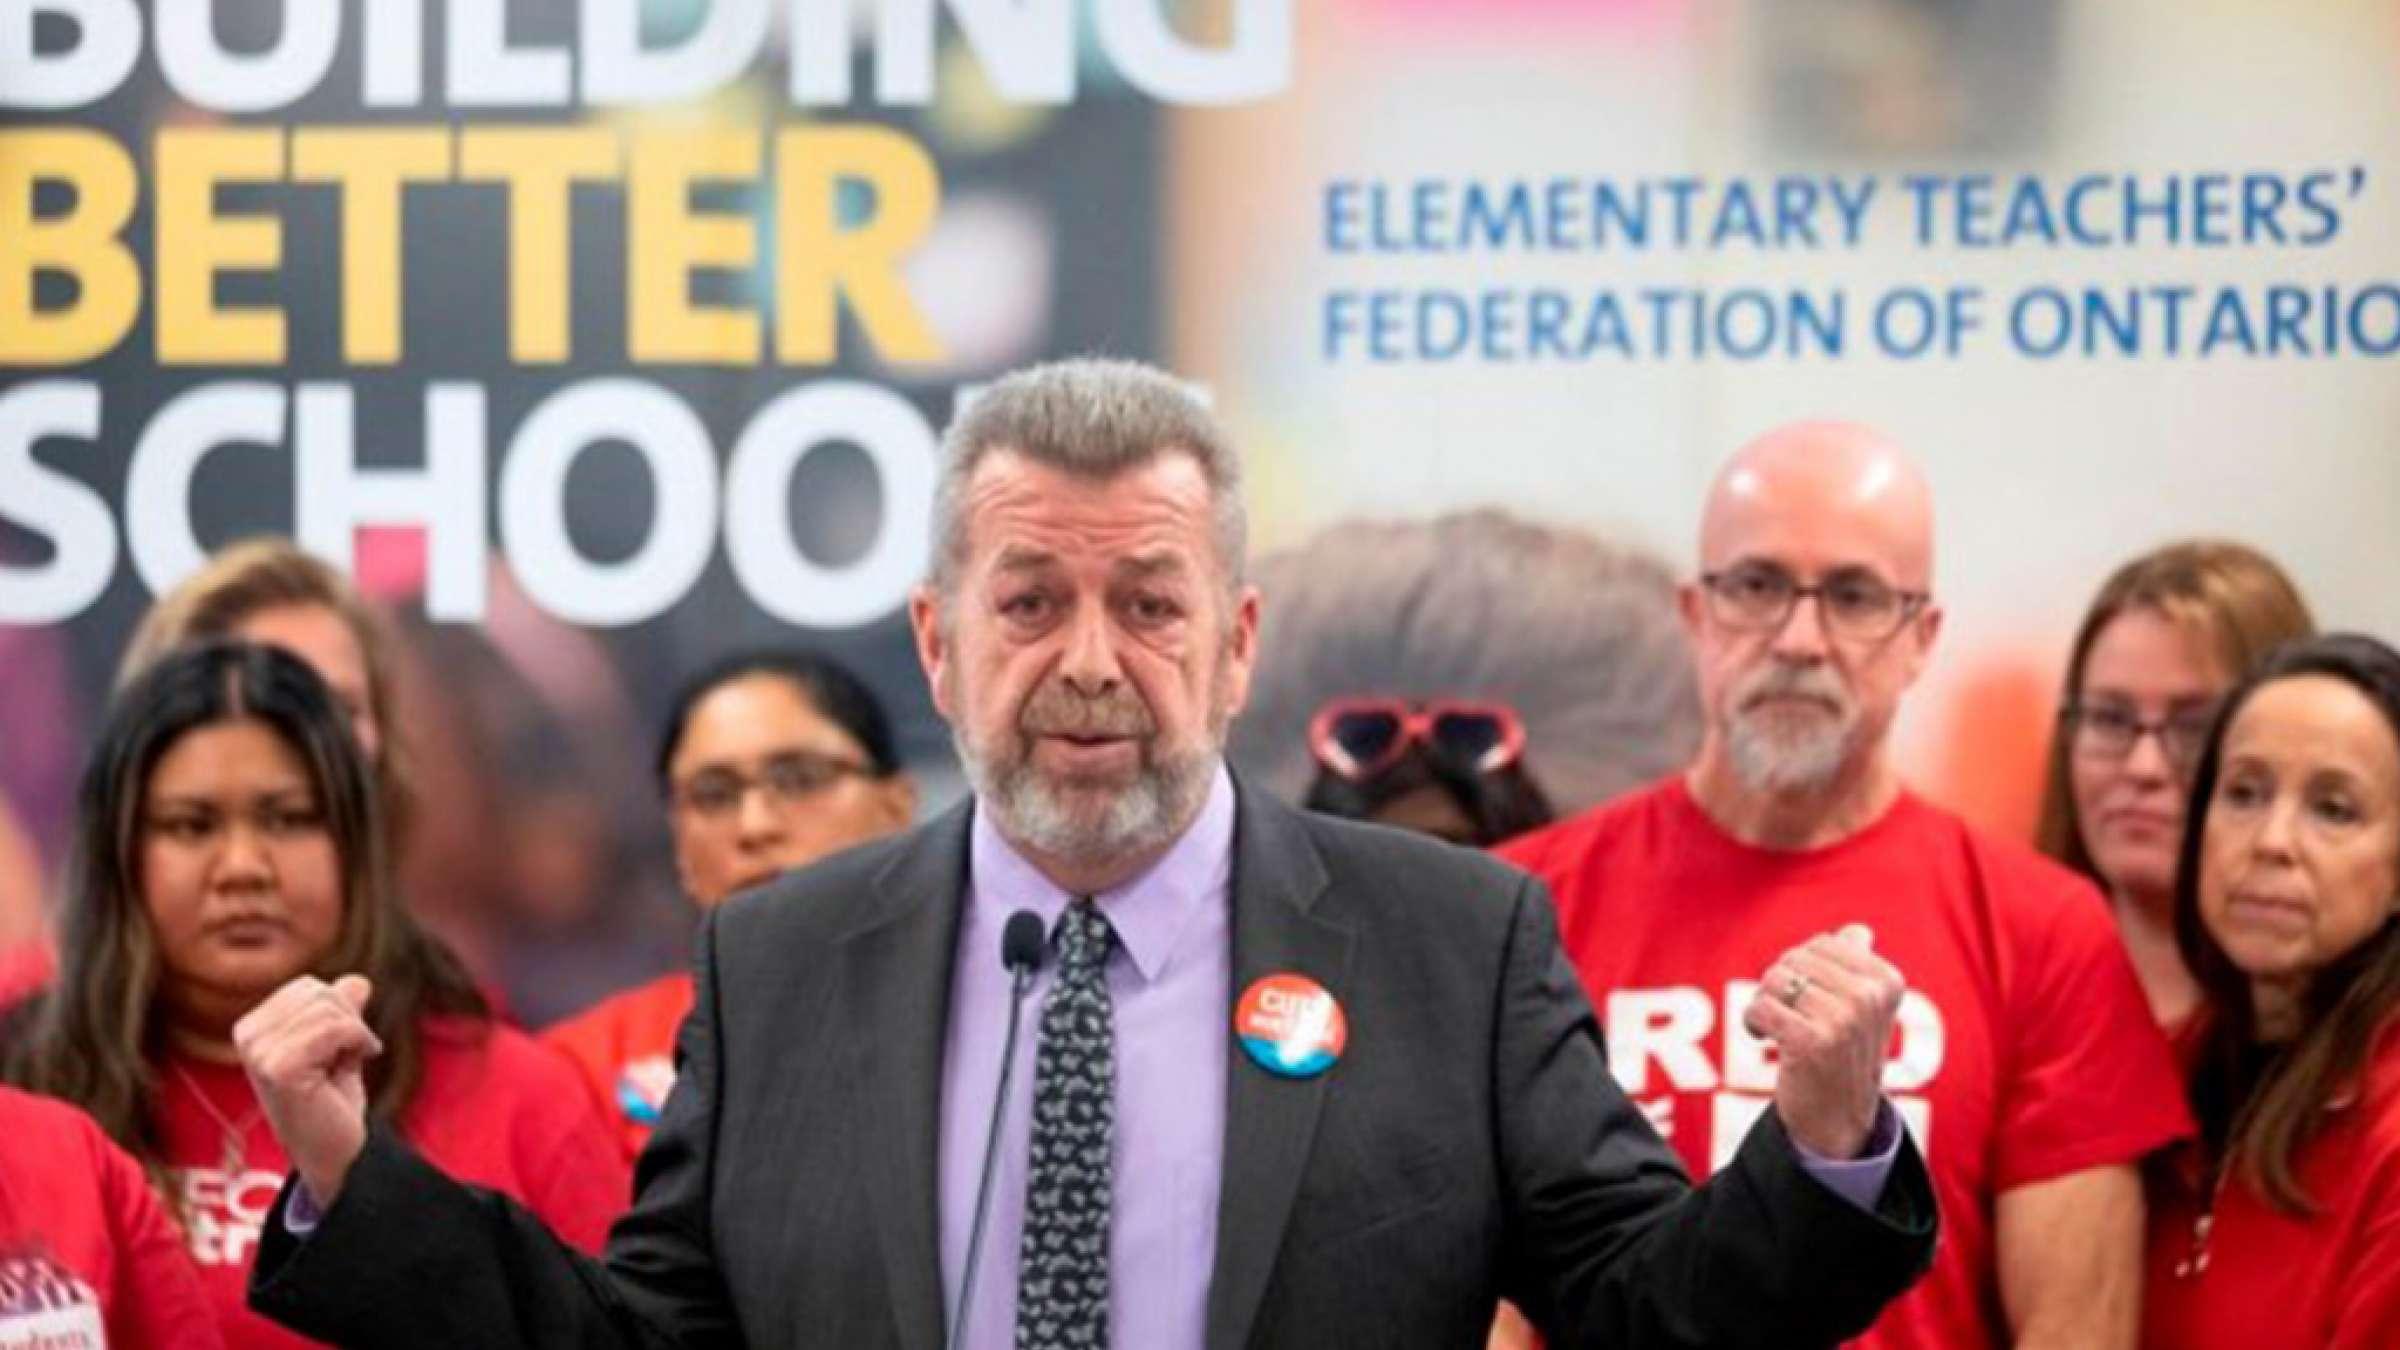 اخبار-تورنتو-معلمان-مدارس-انتاریو-اعتصاب-میکنند